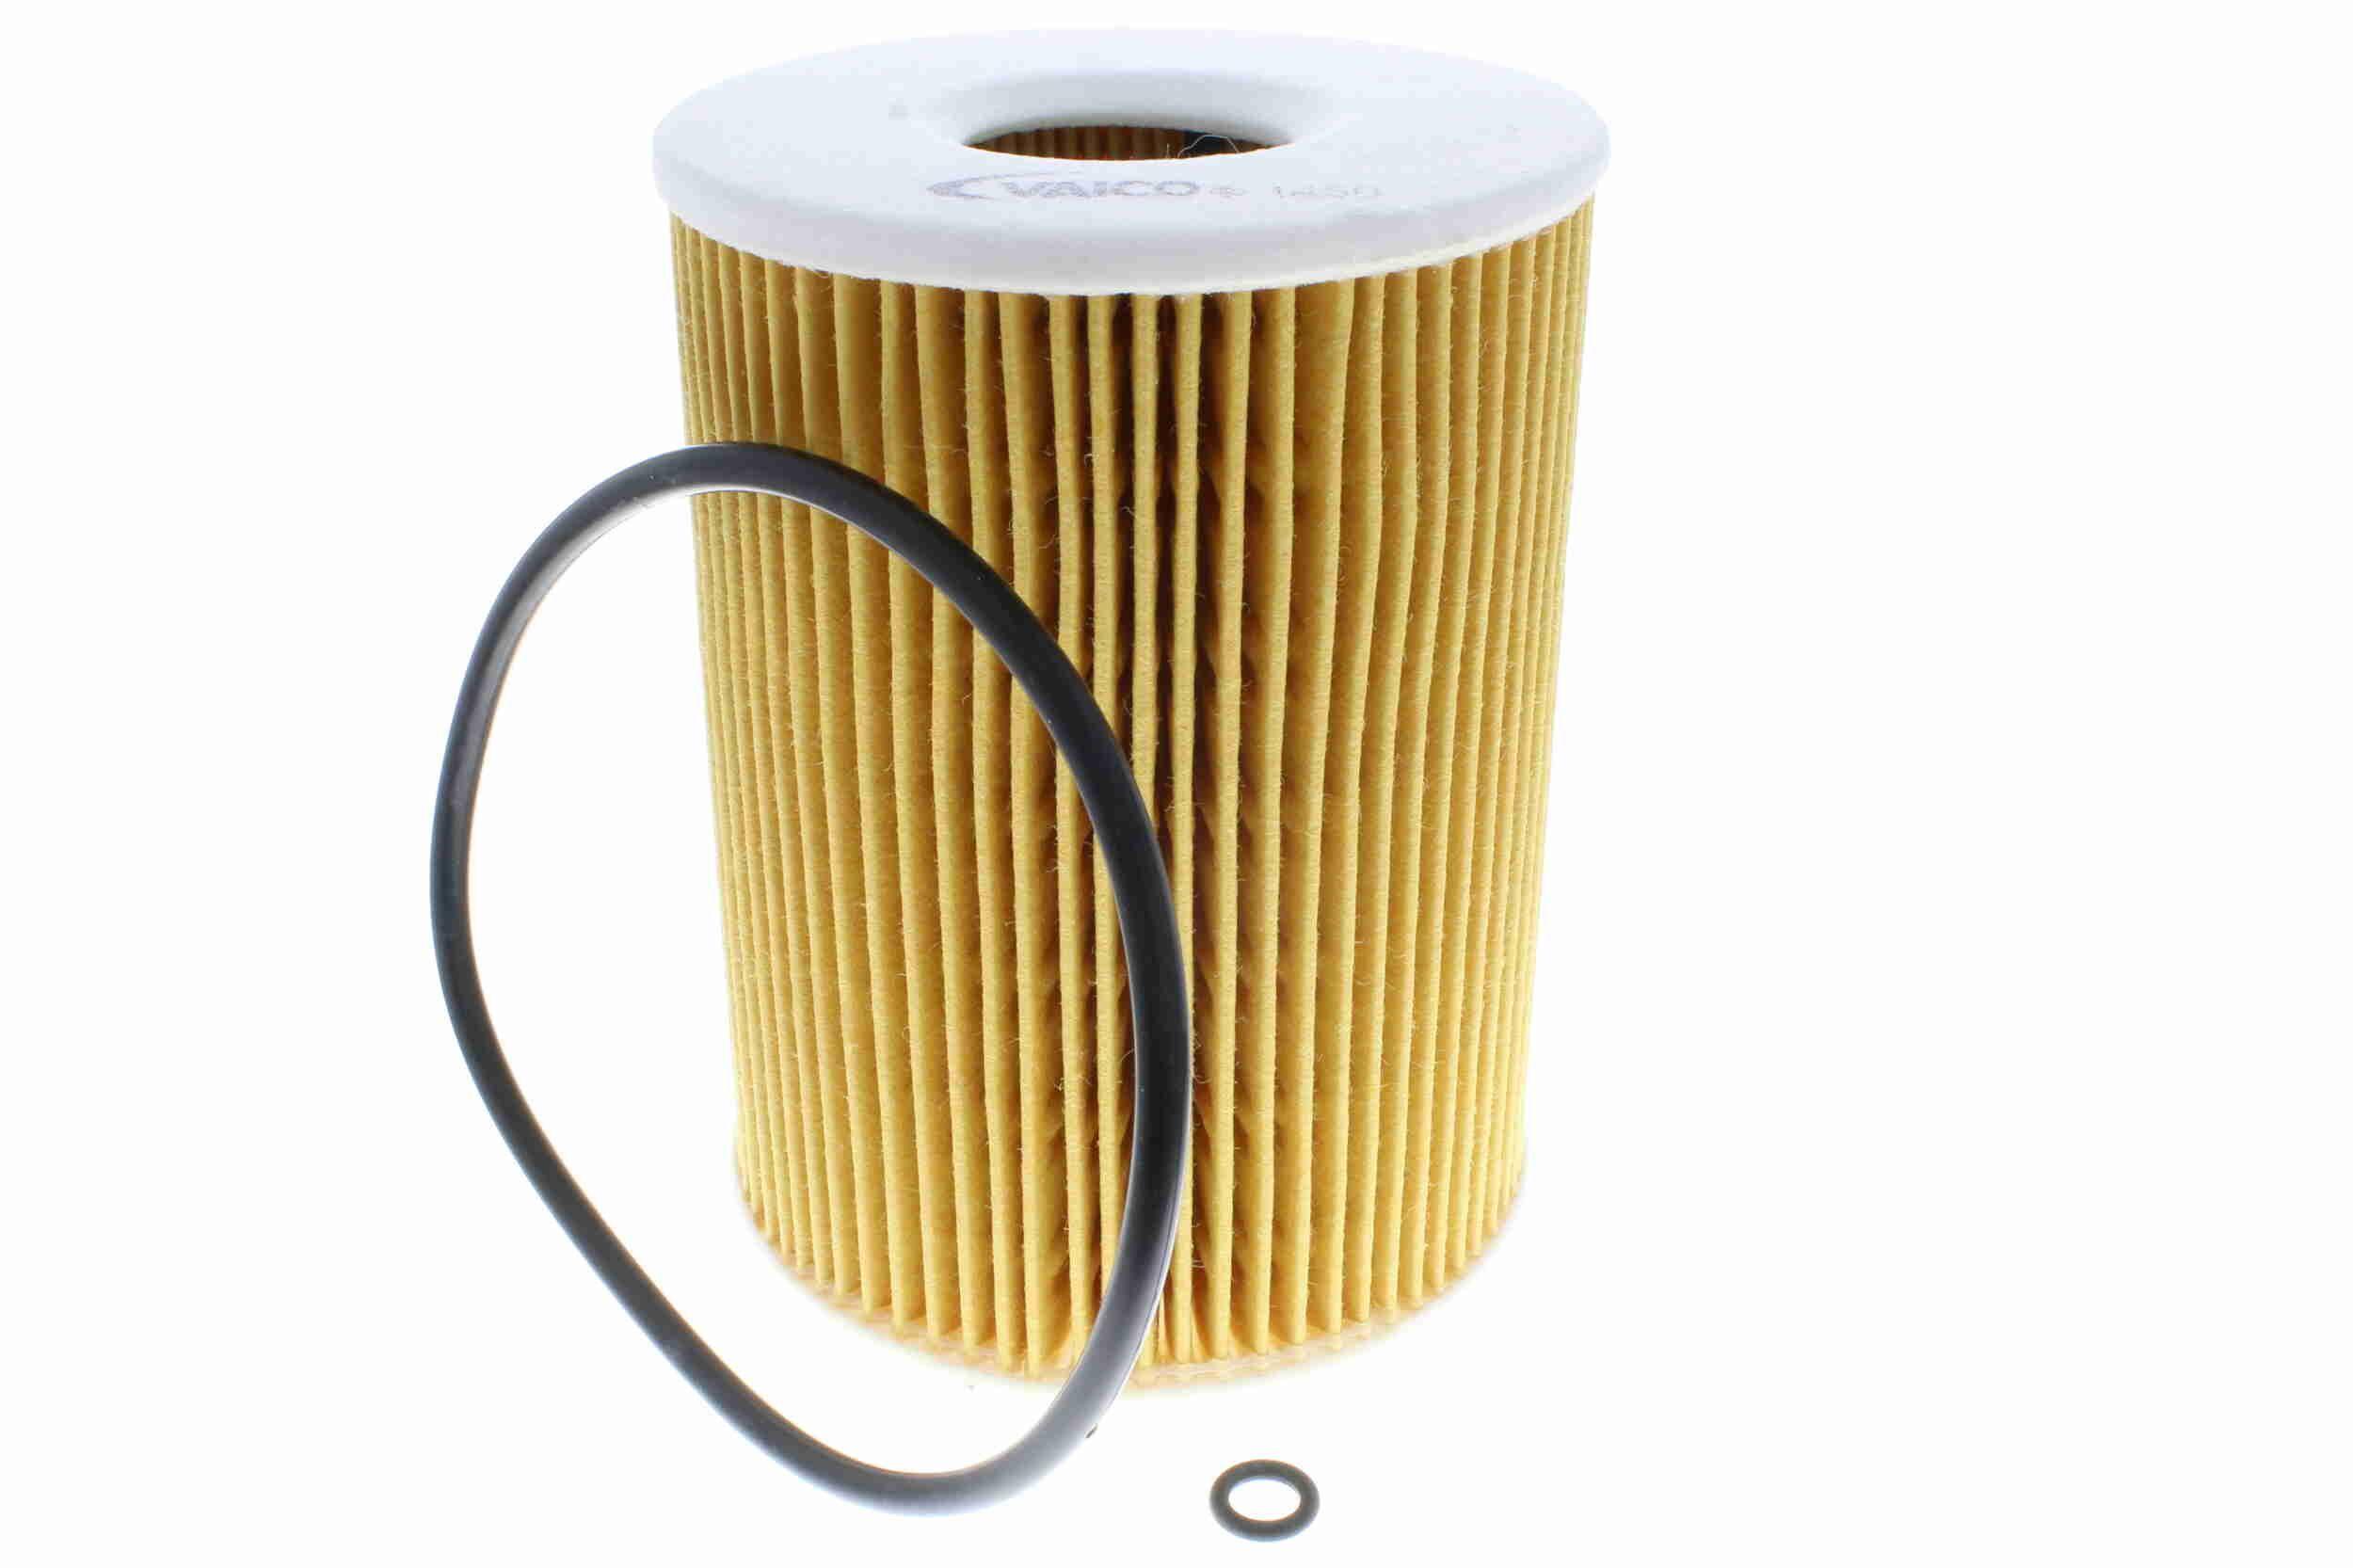 V30-9939 VAICO Filtereinsatz, Original VAICO Qualität Innendurchmesser: 37,5mm, Innendurchmesser 2: 37,5mm, Ø: 83mm, Höhe: 108mm Ölfilter V30-9939 günstig kaufen